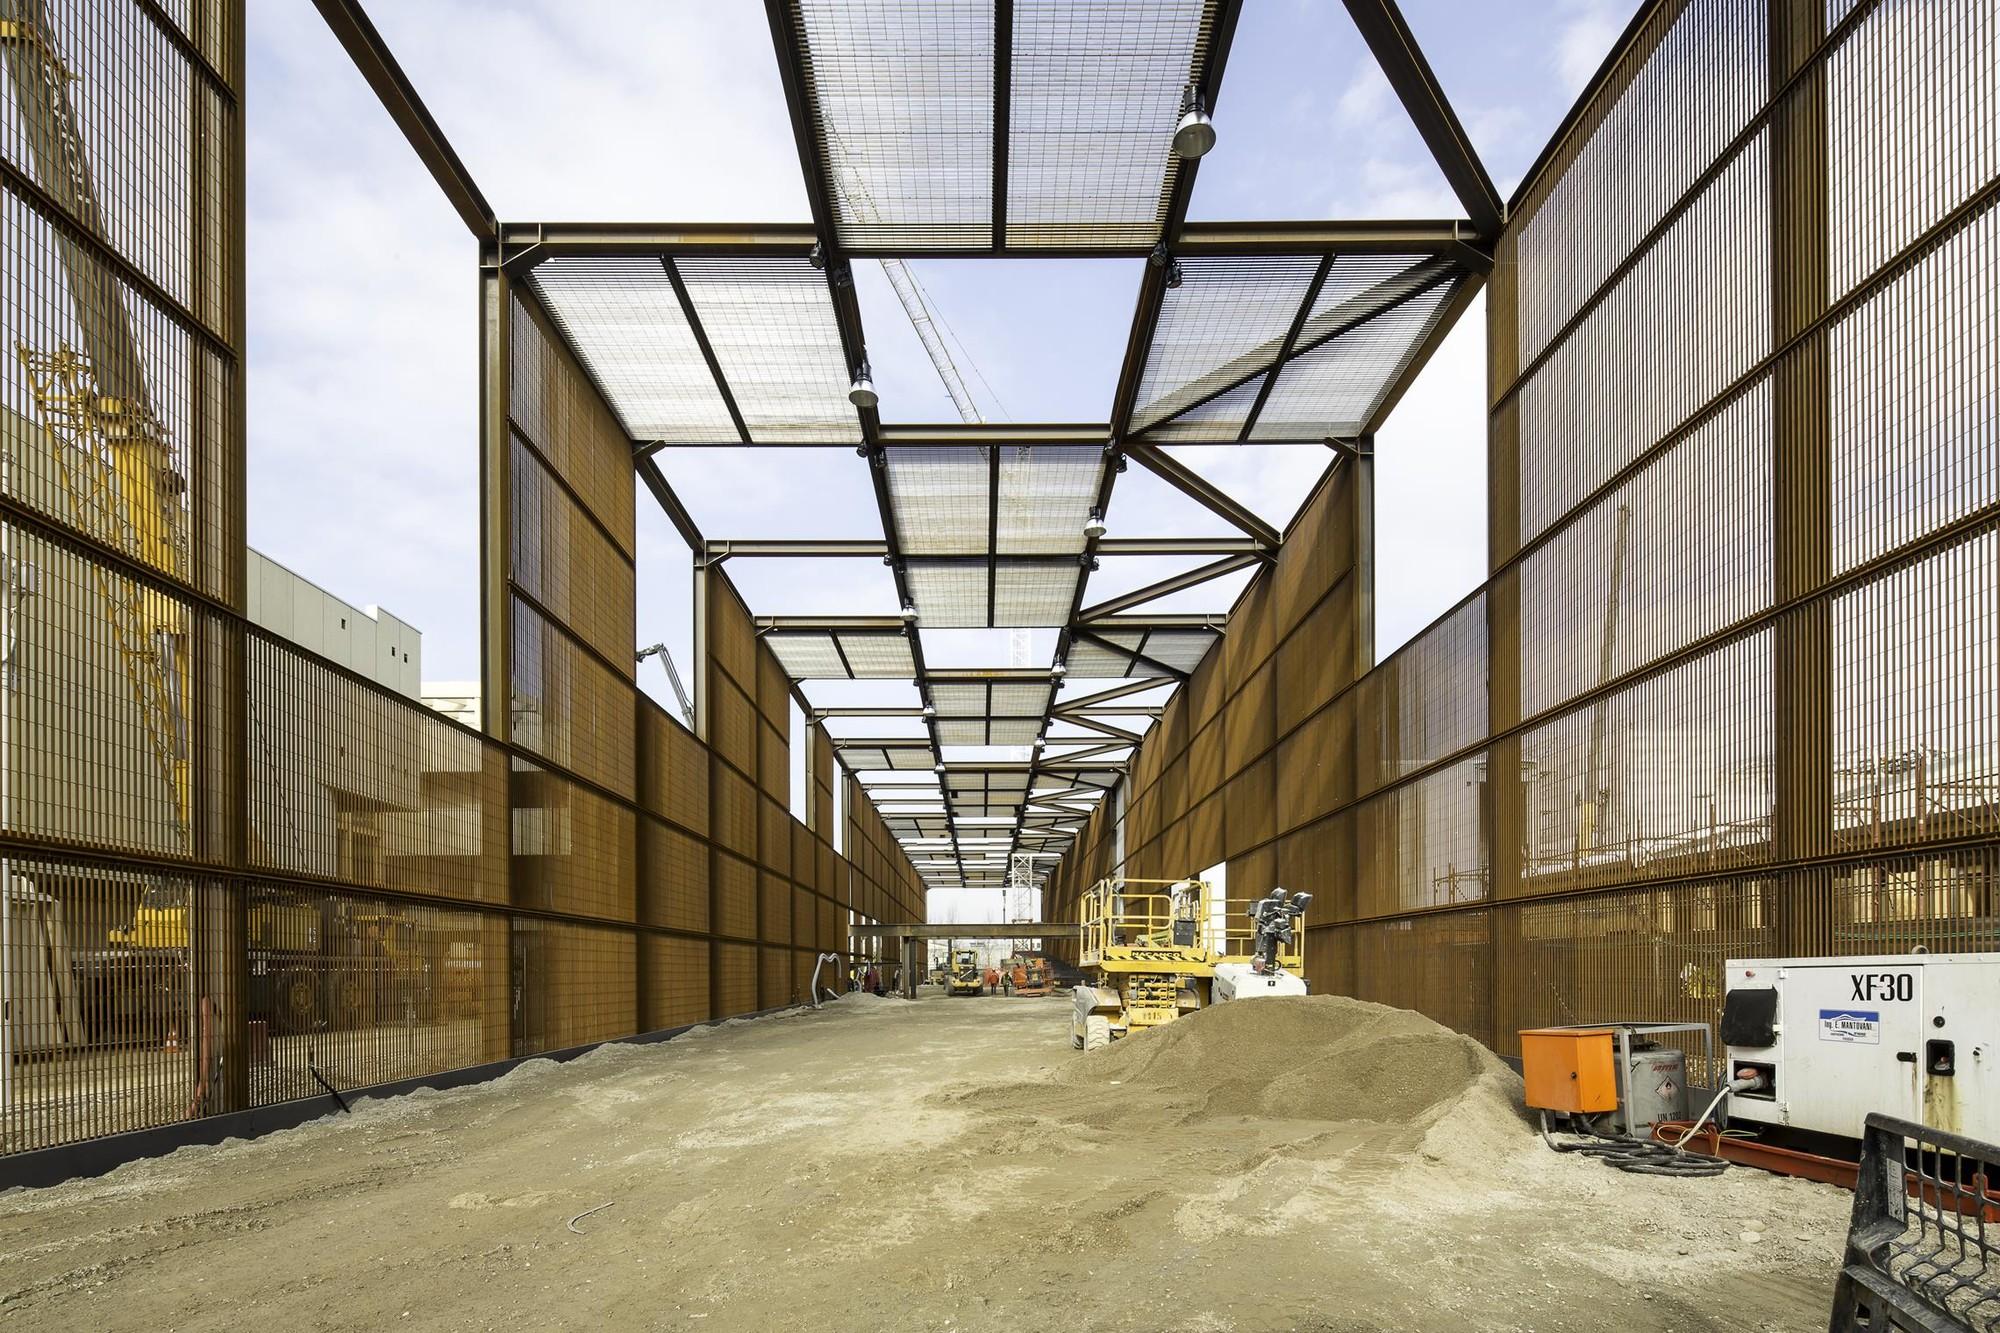 En construcci n pabell n de brasil en la expo mil n 2015 - Arquitecto de brasilia ...